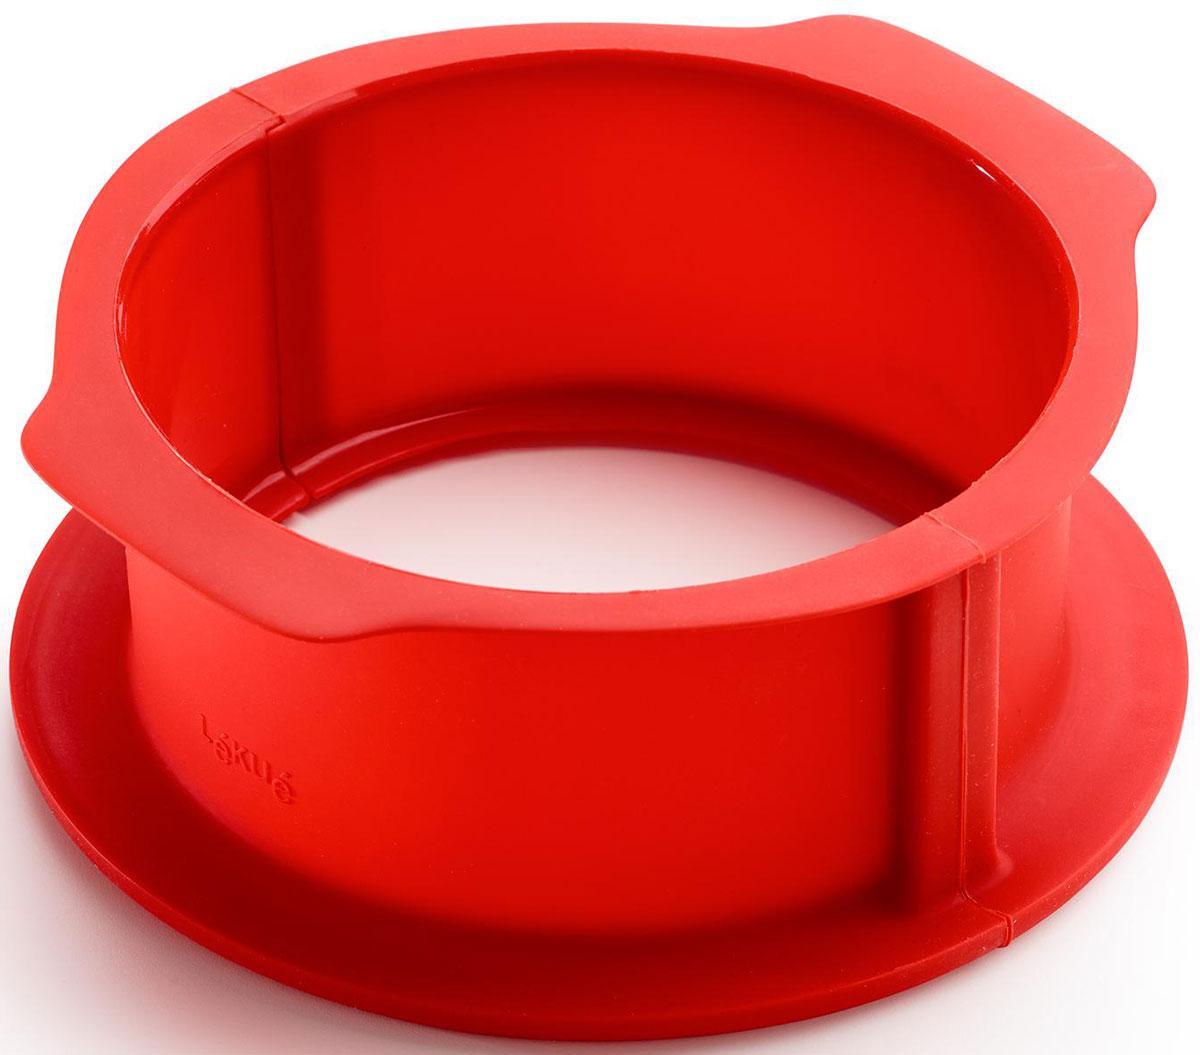 Форма для выпечки Lekue Торт Шарлотт, разъемная, силиконовая, с керамическим блюдом, цвет: красный2412238R01M017Разъемная форма силиконовая с керамическим блюдом - идеальное сочетание силикона и керамики для быстрого и надежного отделения вашего киша, паштета, мусса или торта от формы.